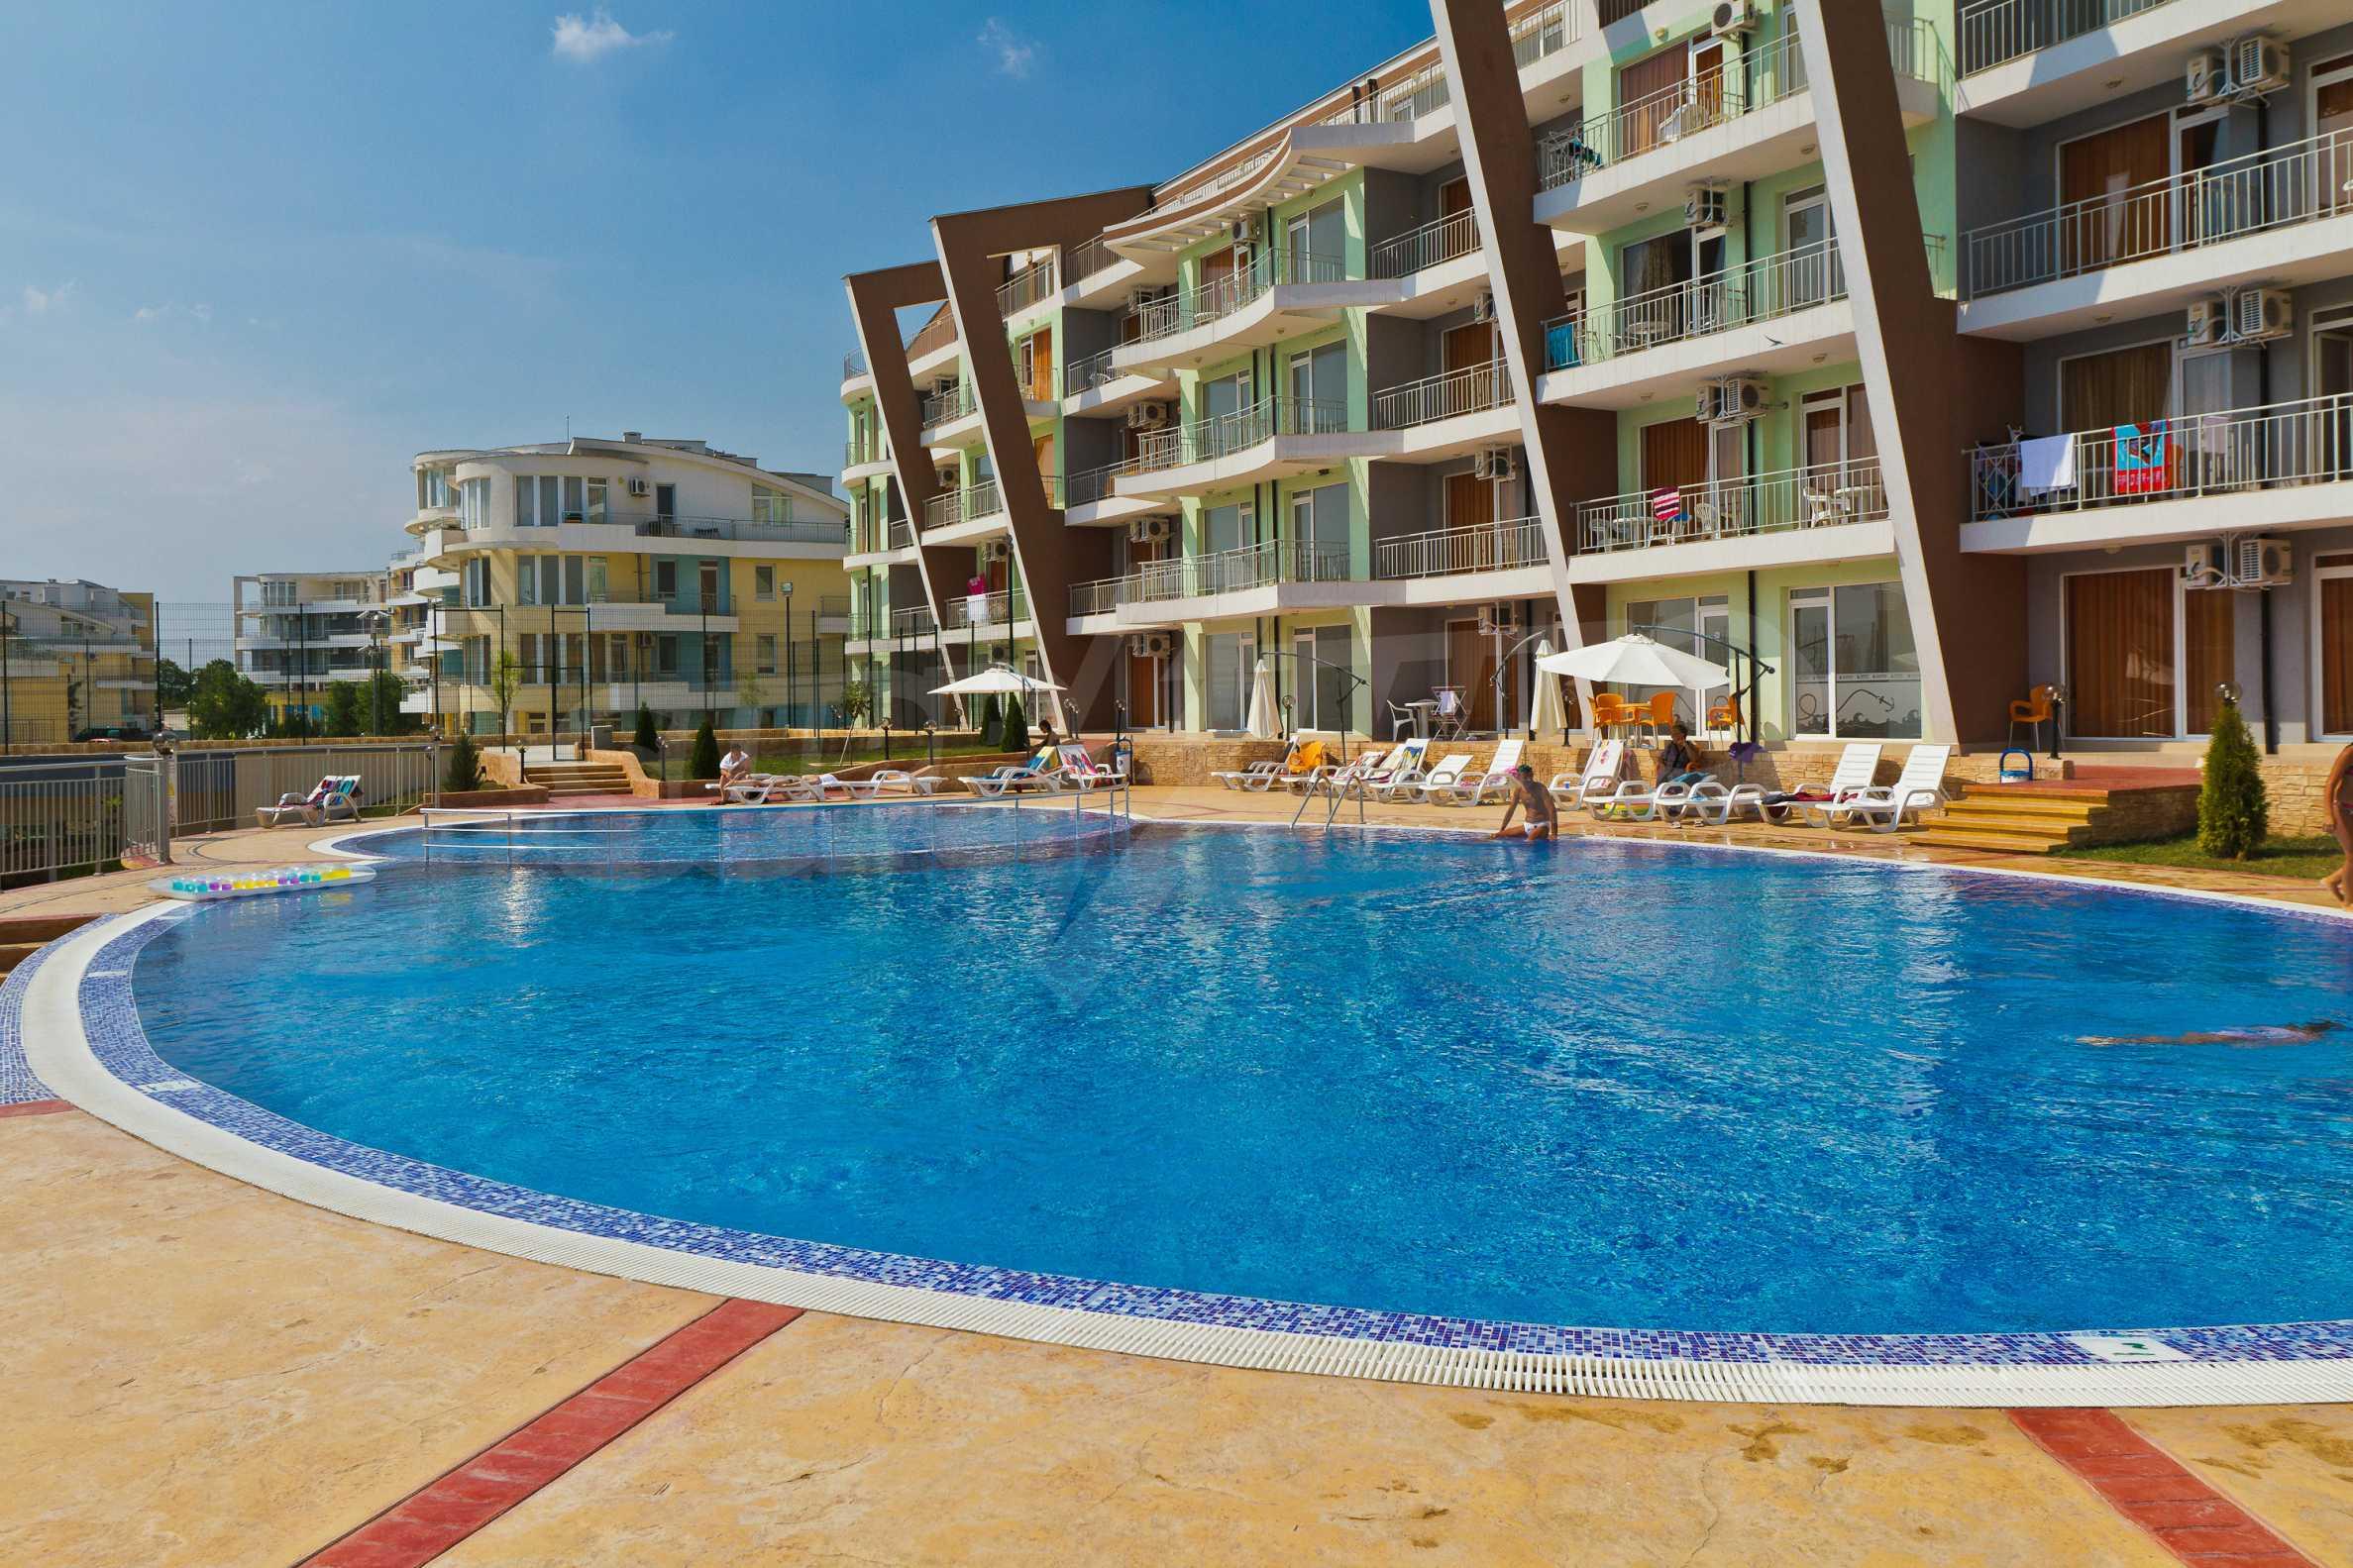 Sunset Kosharitsa - Apartments in einem attraktiven Berg- und Seekomplex, 5 Autominuten vom Sonnenstrand entfernt 9